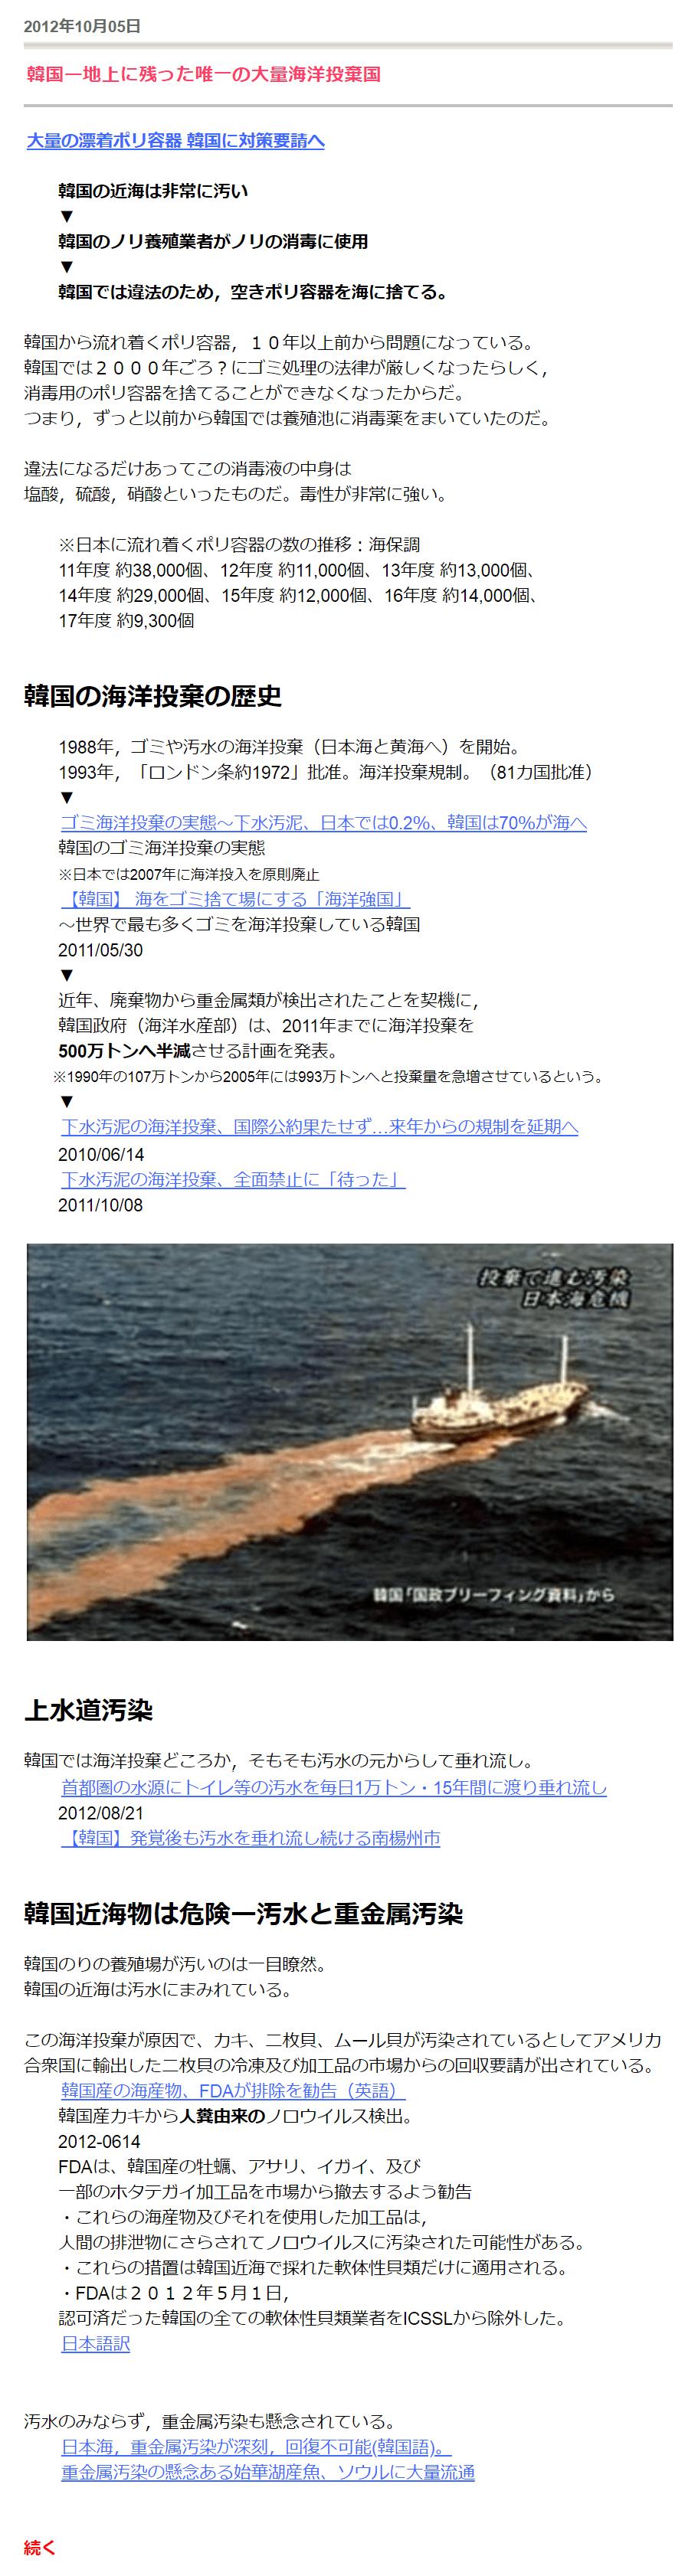 日本海に大量の糞尿を垂れ流す下朝鮮による汚鮮